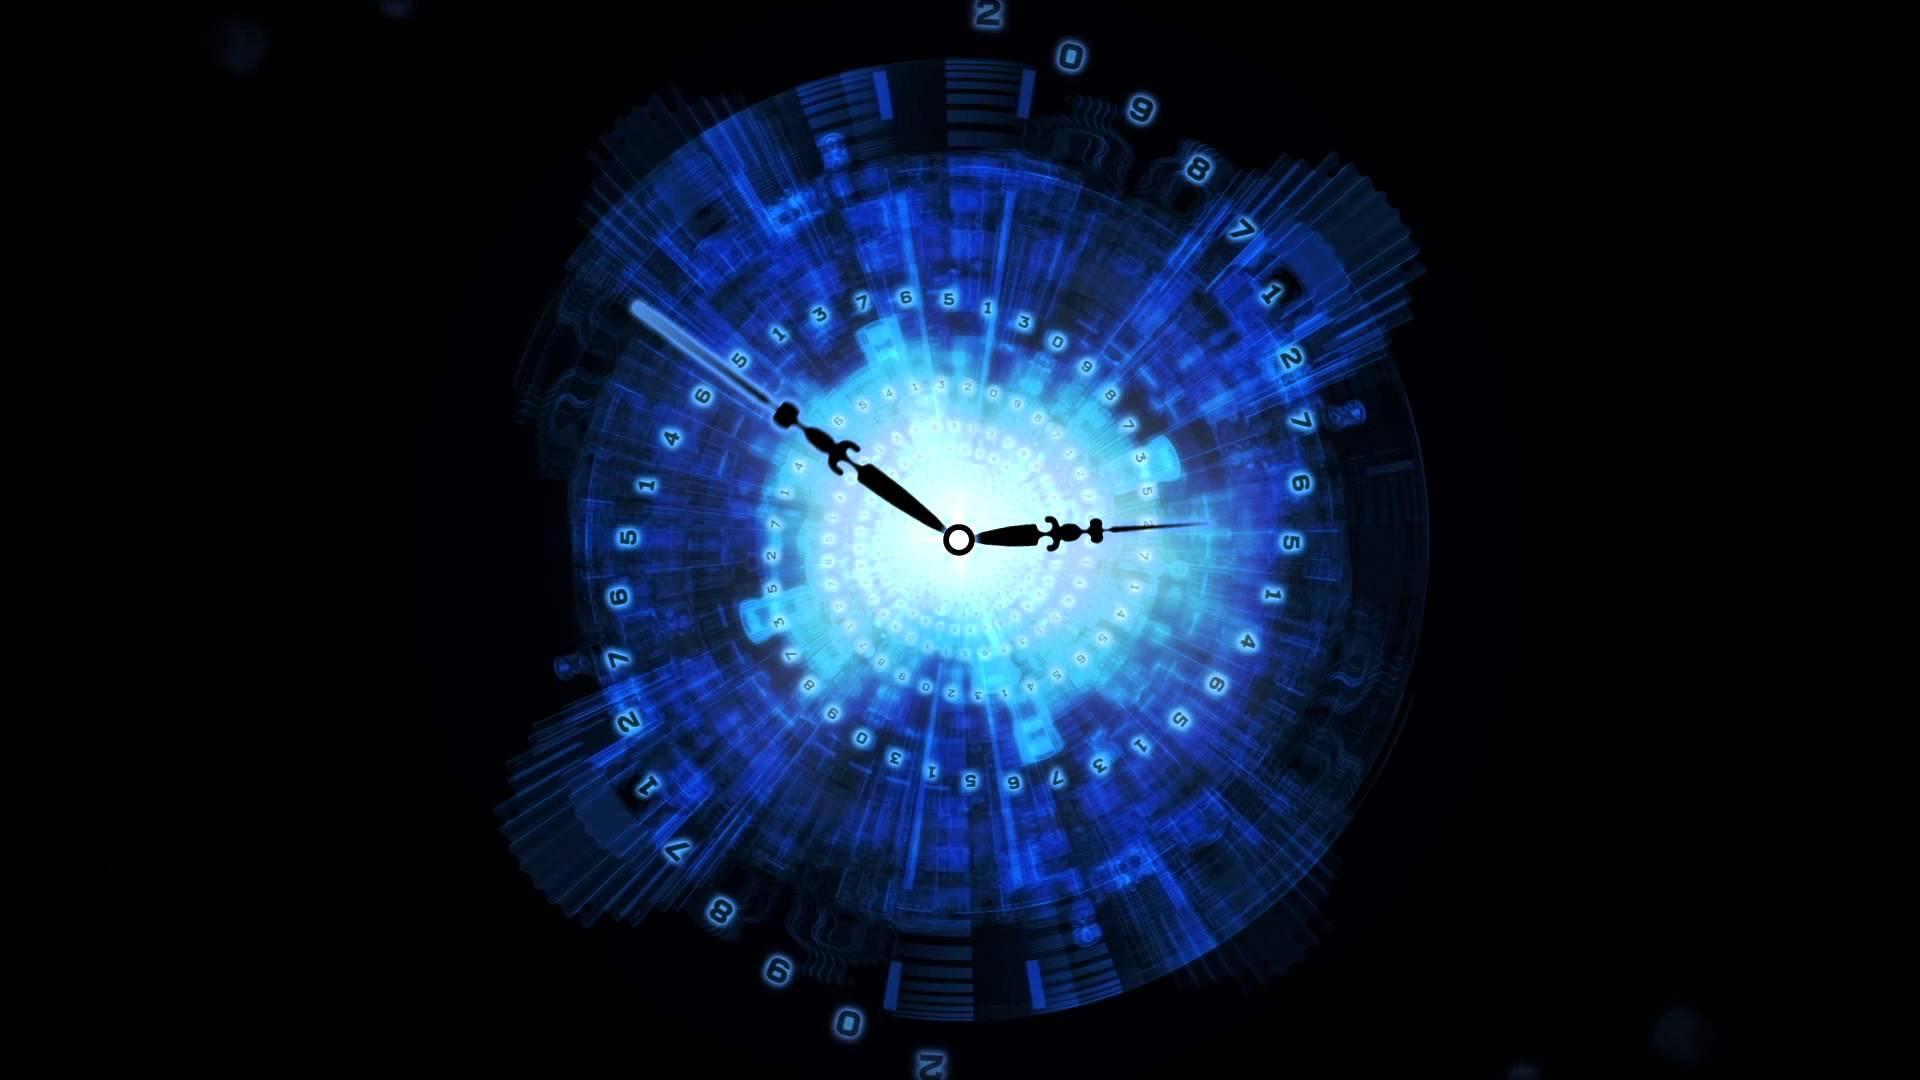 clock wallpaper hd